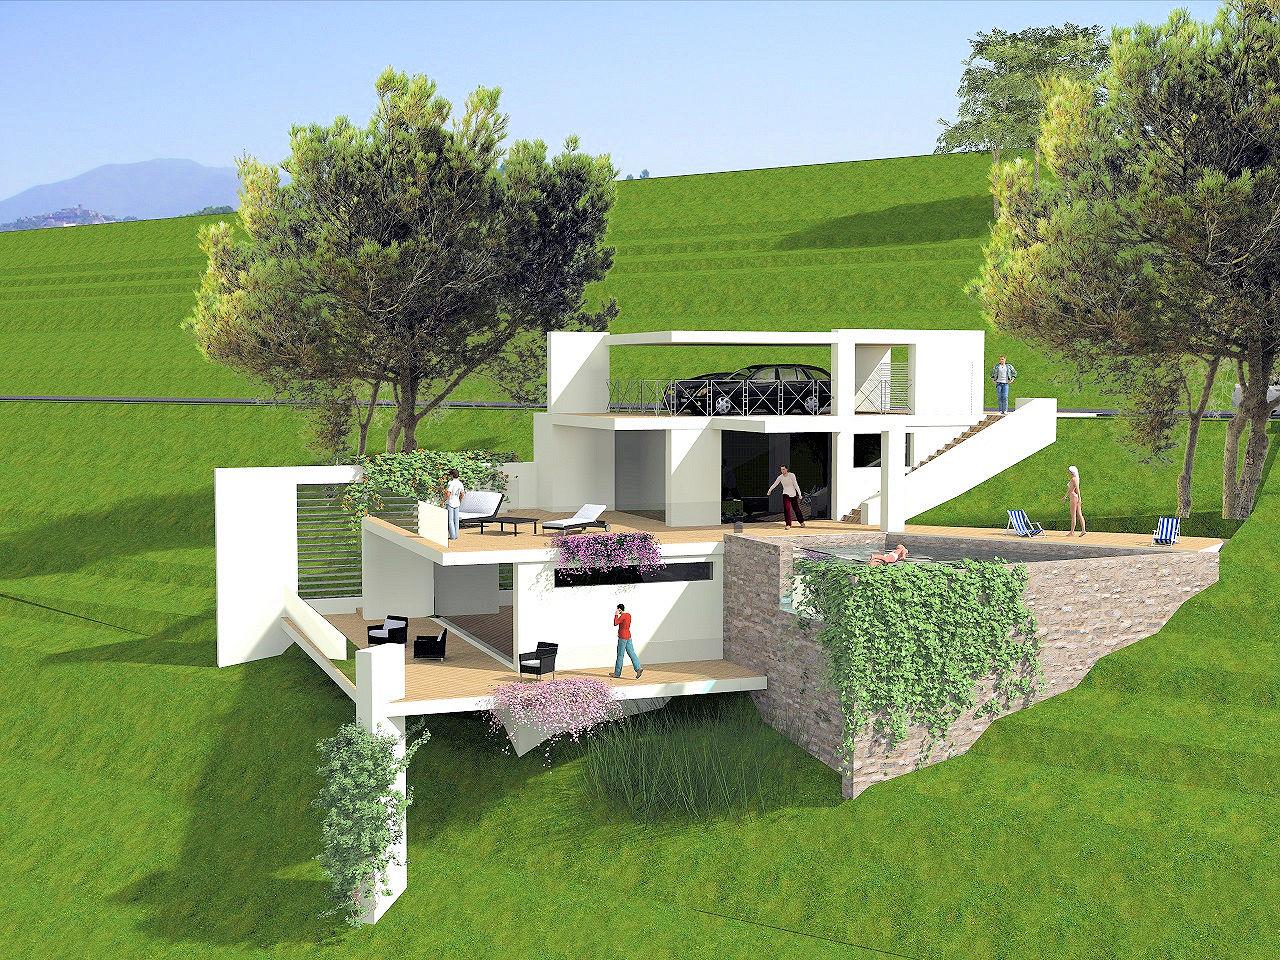 Terreno Edificabile Residenziale in vendita a Buggiano, 9999 locali, zona Località: BorgoaBuggiano, prezzo € 90.000 | CambioCasa.it